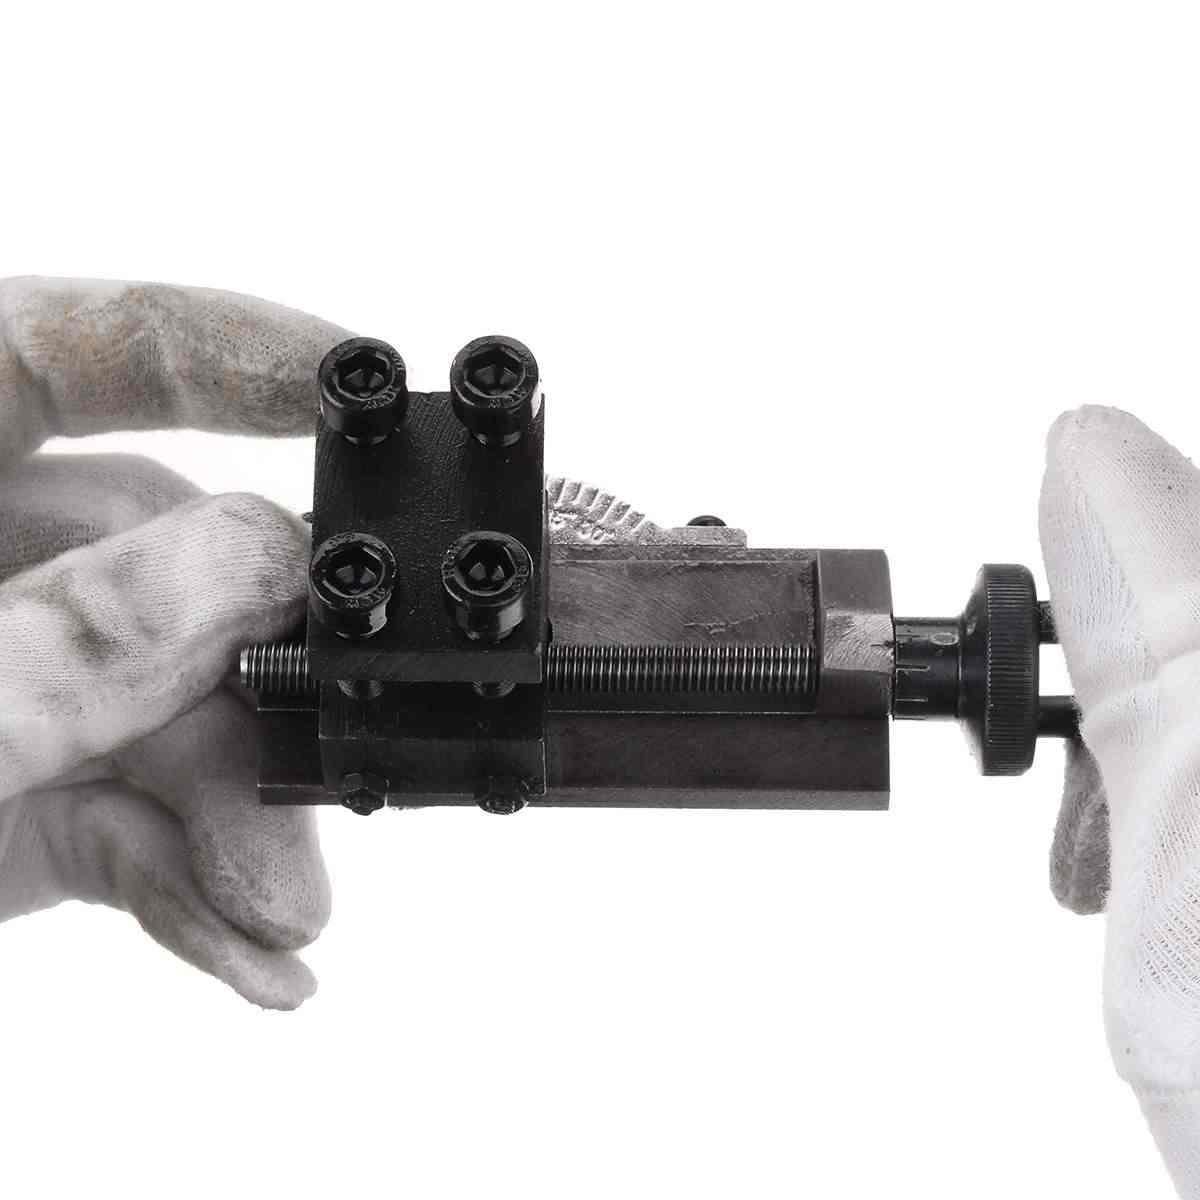 Taşınabilir Mini Torna Takım Tutucu 30 Derece Dönebilen S/N: 10154 SIEG C0 Torna Dayanıklı Siyah Torna Aksesuarı Takım Tutucu